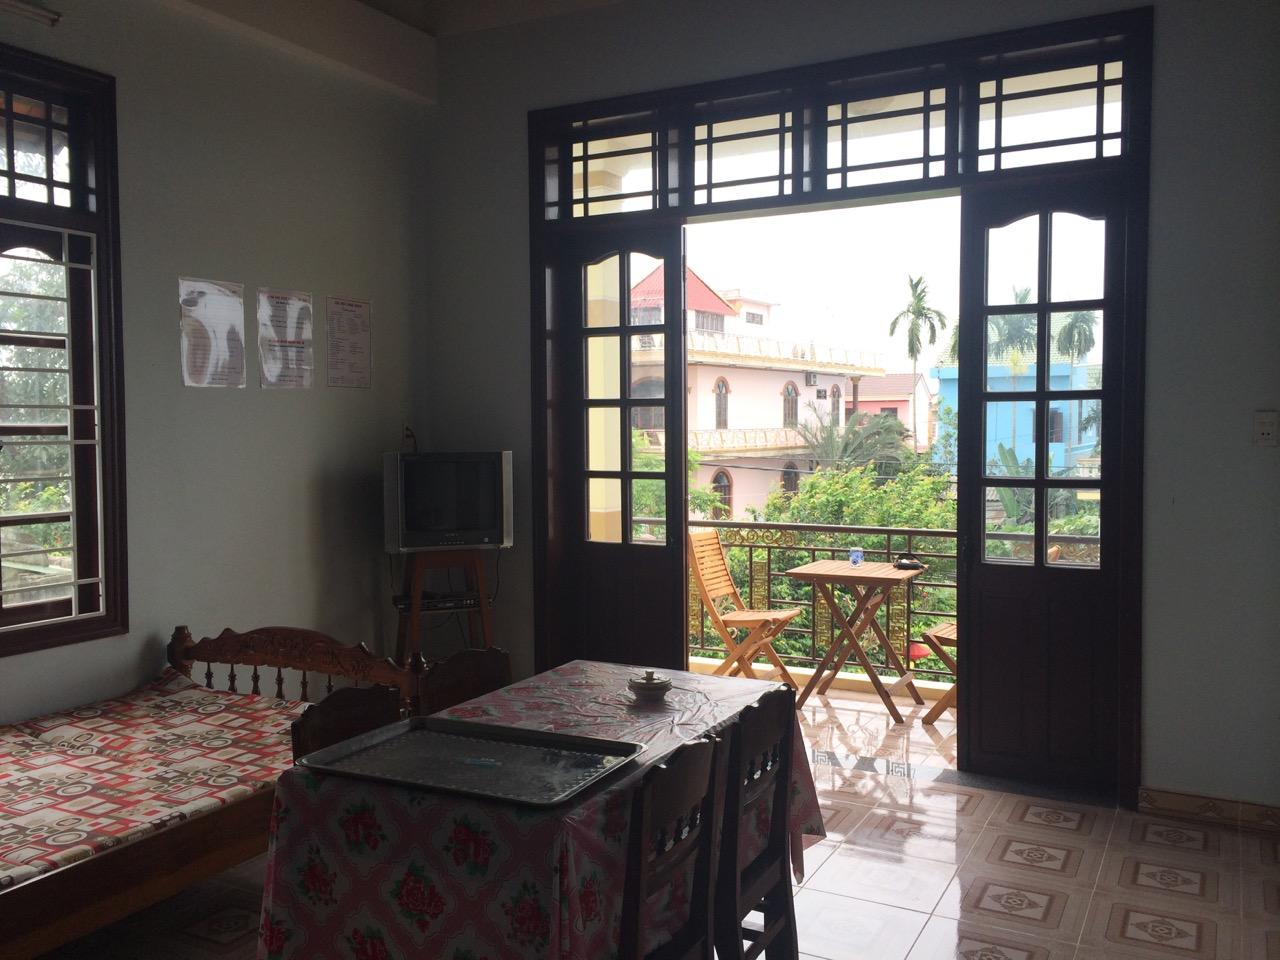 Путешествие по Вьетнаму: Балкон в общем холле дома на втором этаже, хоумстей в Хойане